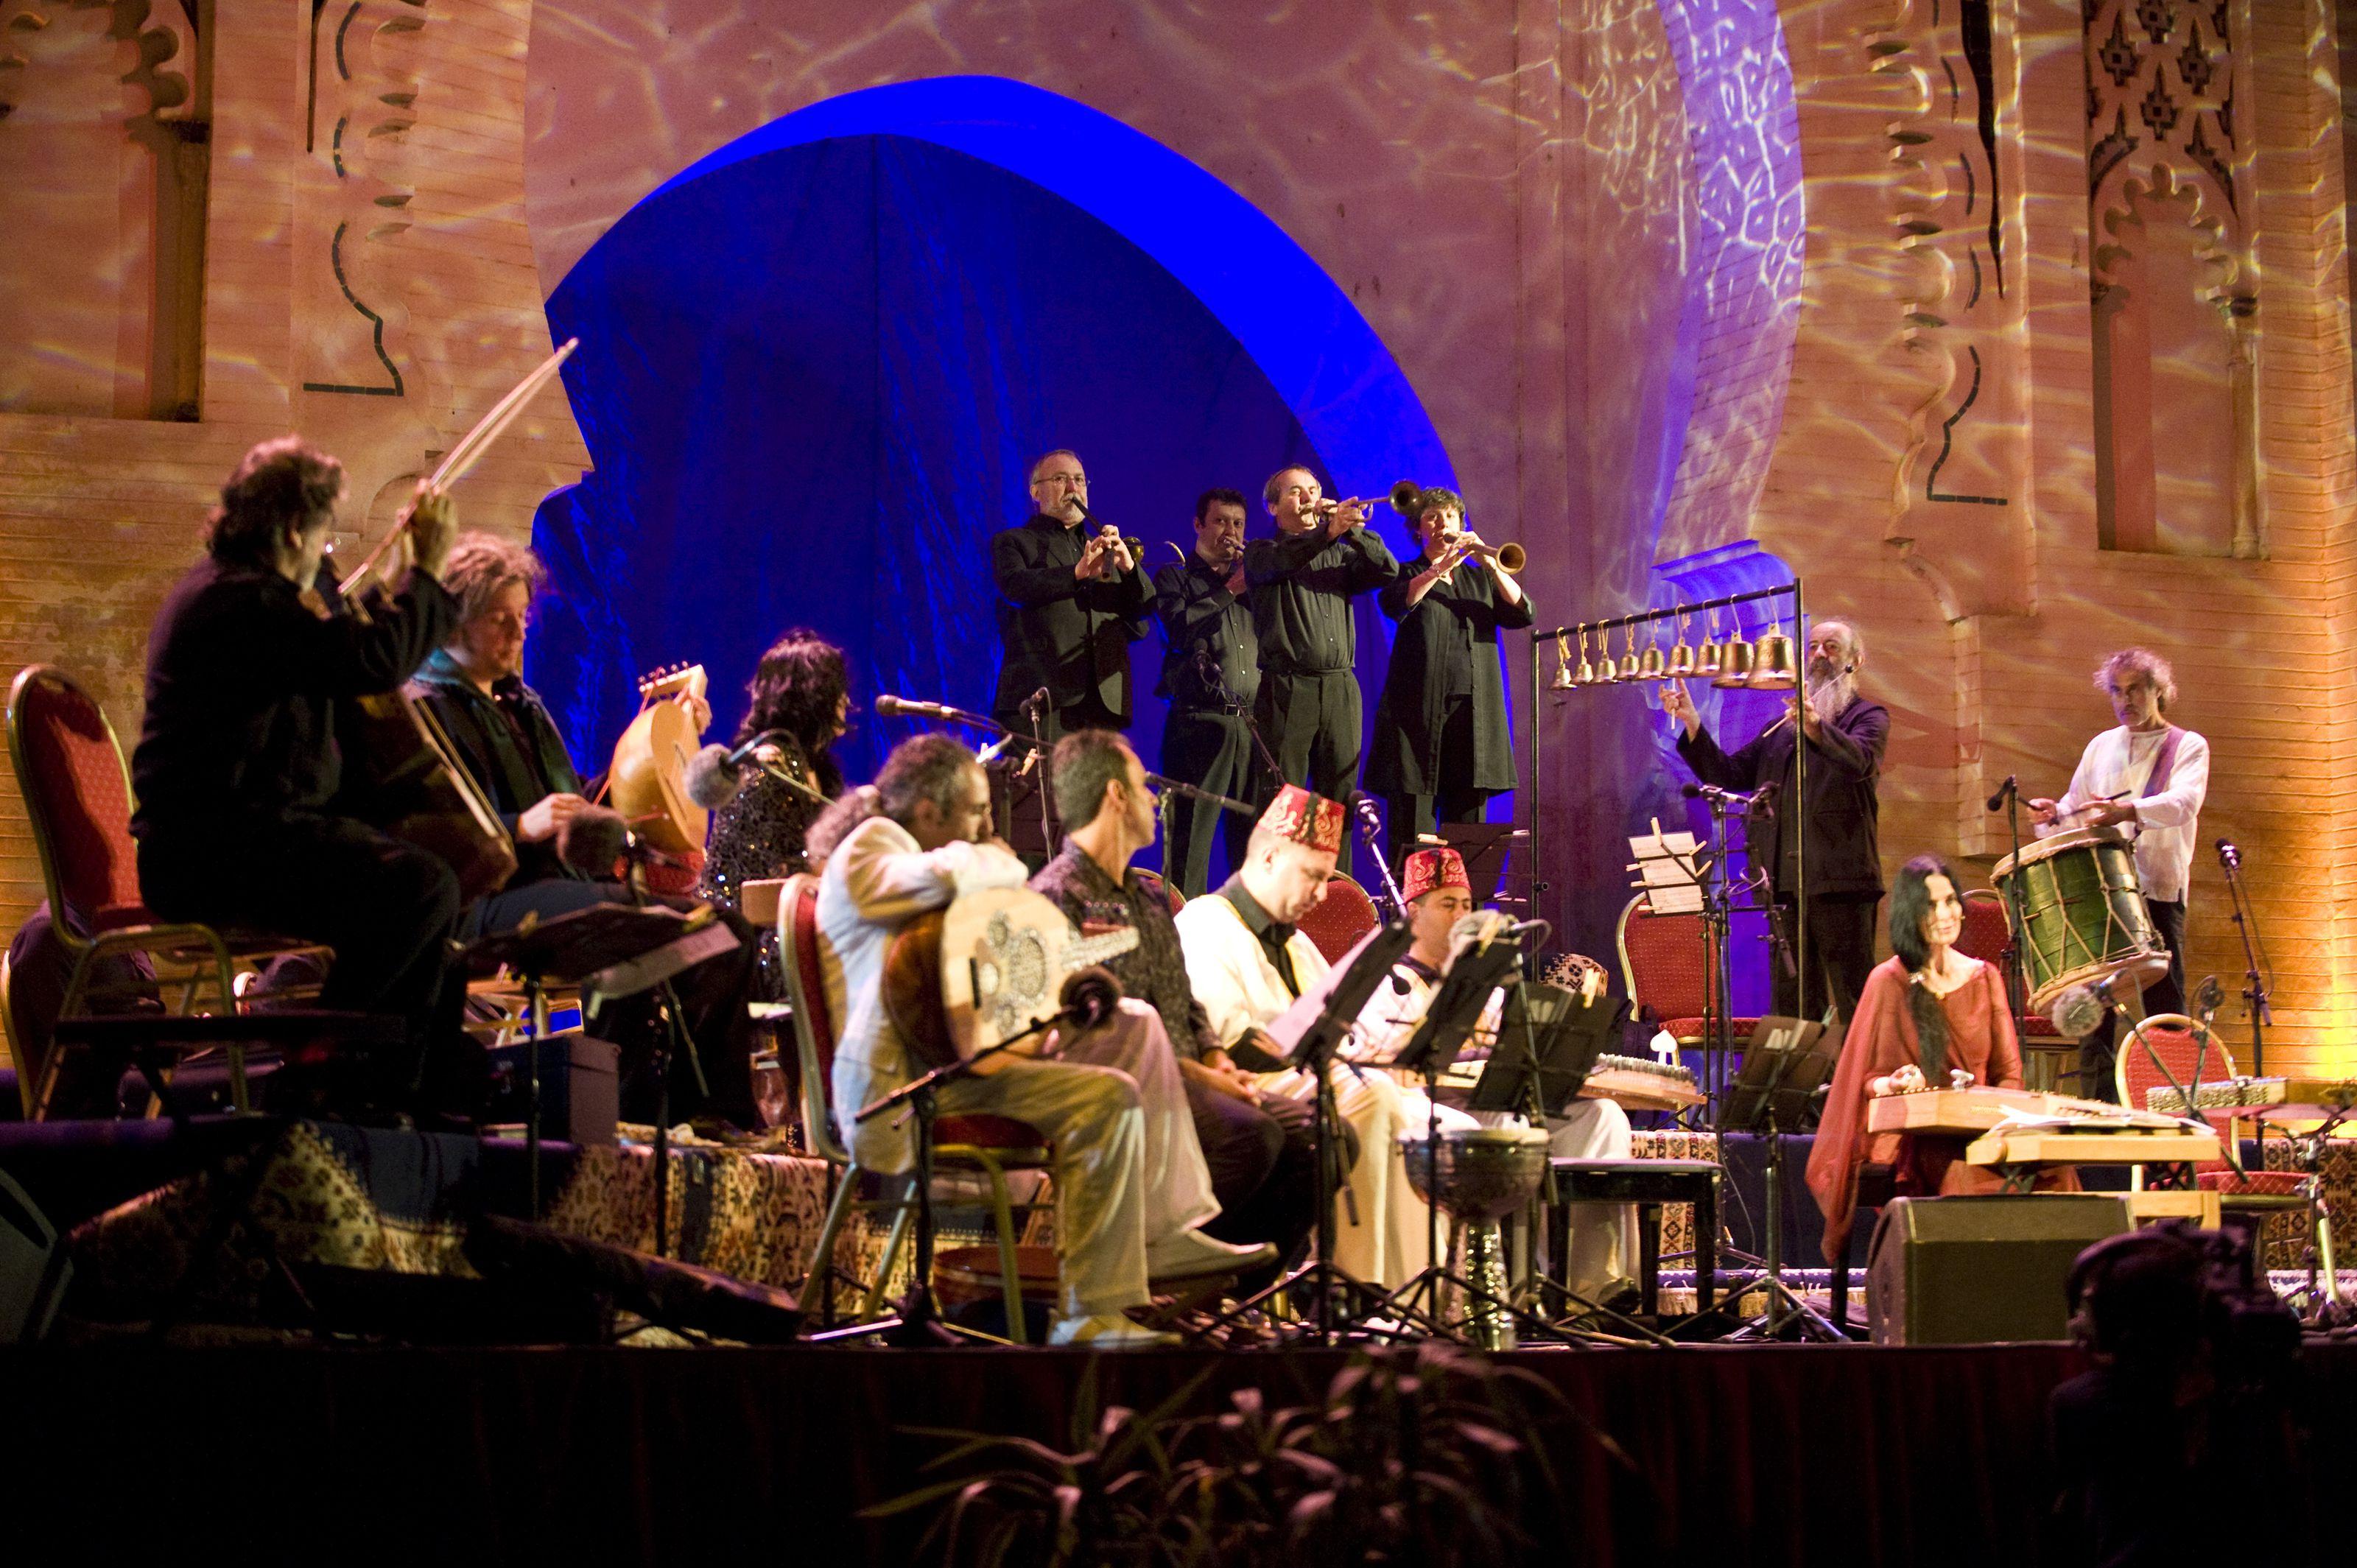 Festival Fez de Música Sagrada Mundial 2010